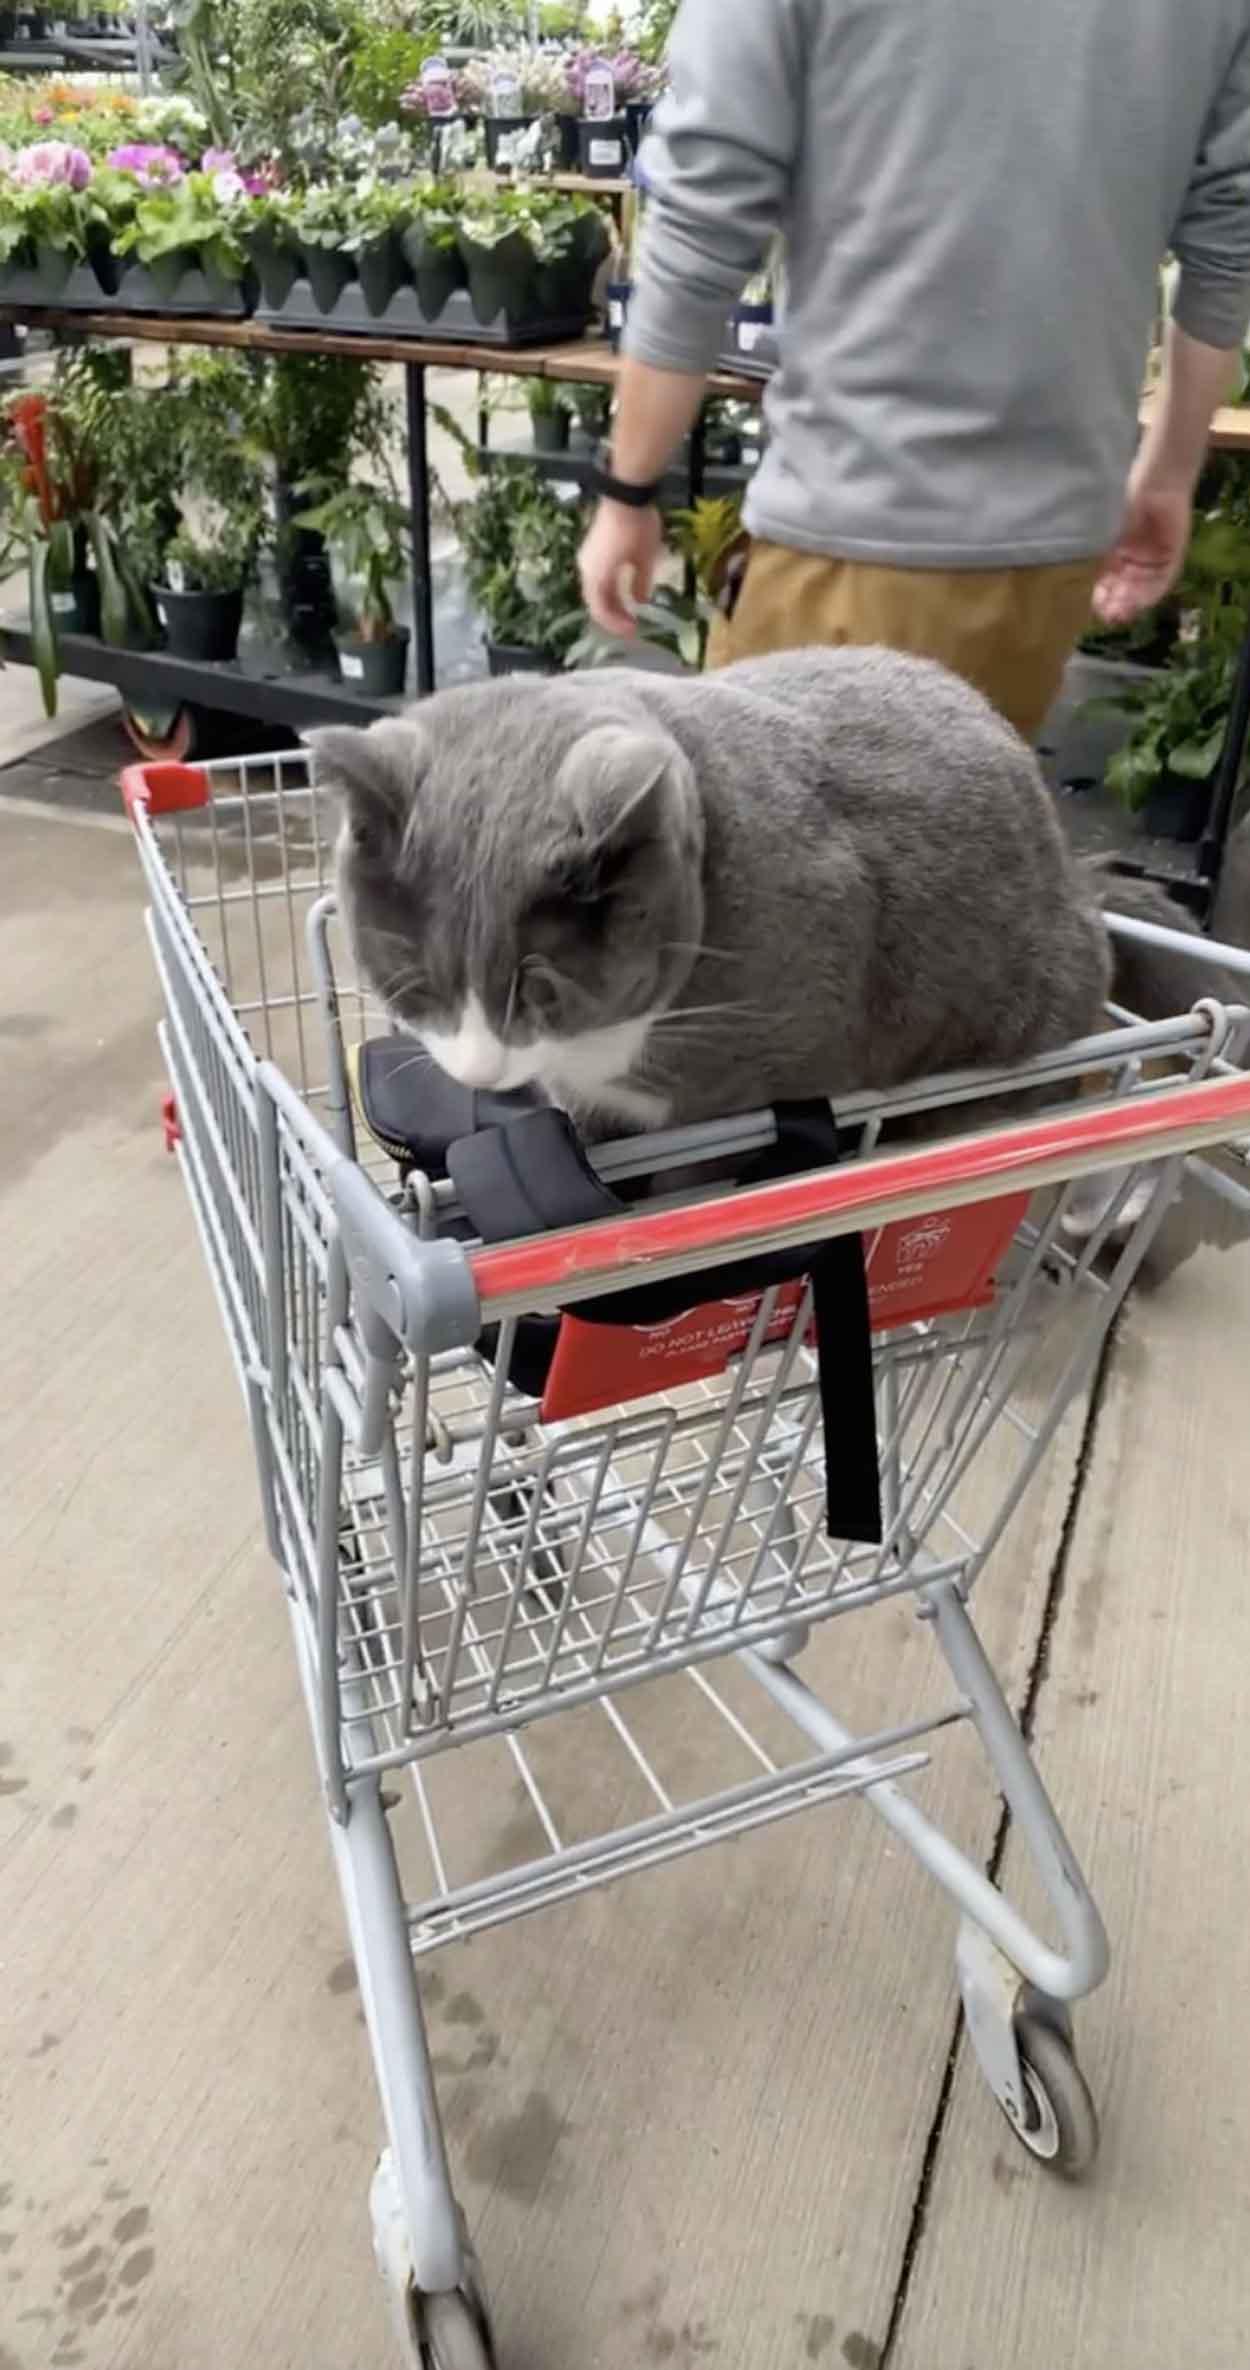 Gatito acurrucado en carrito de compras